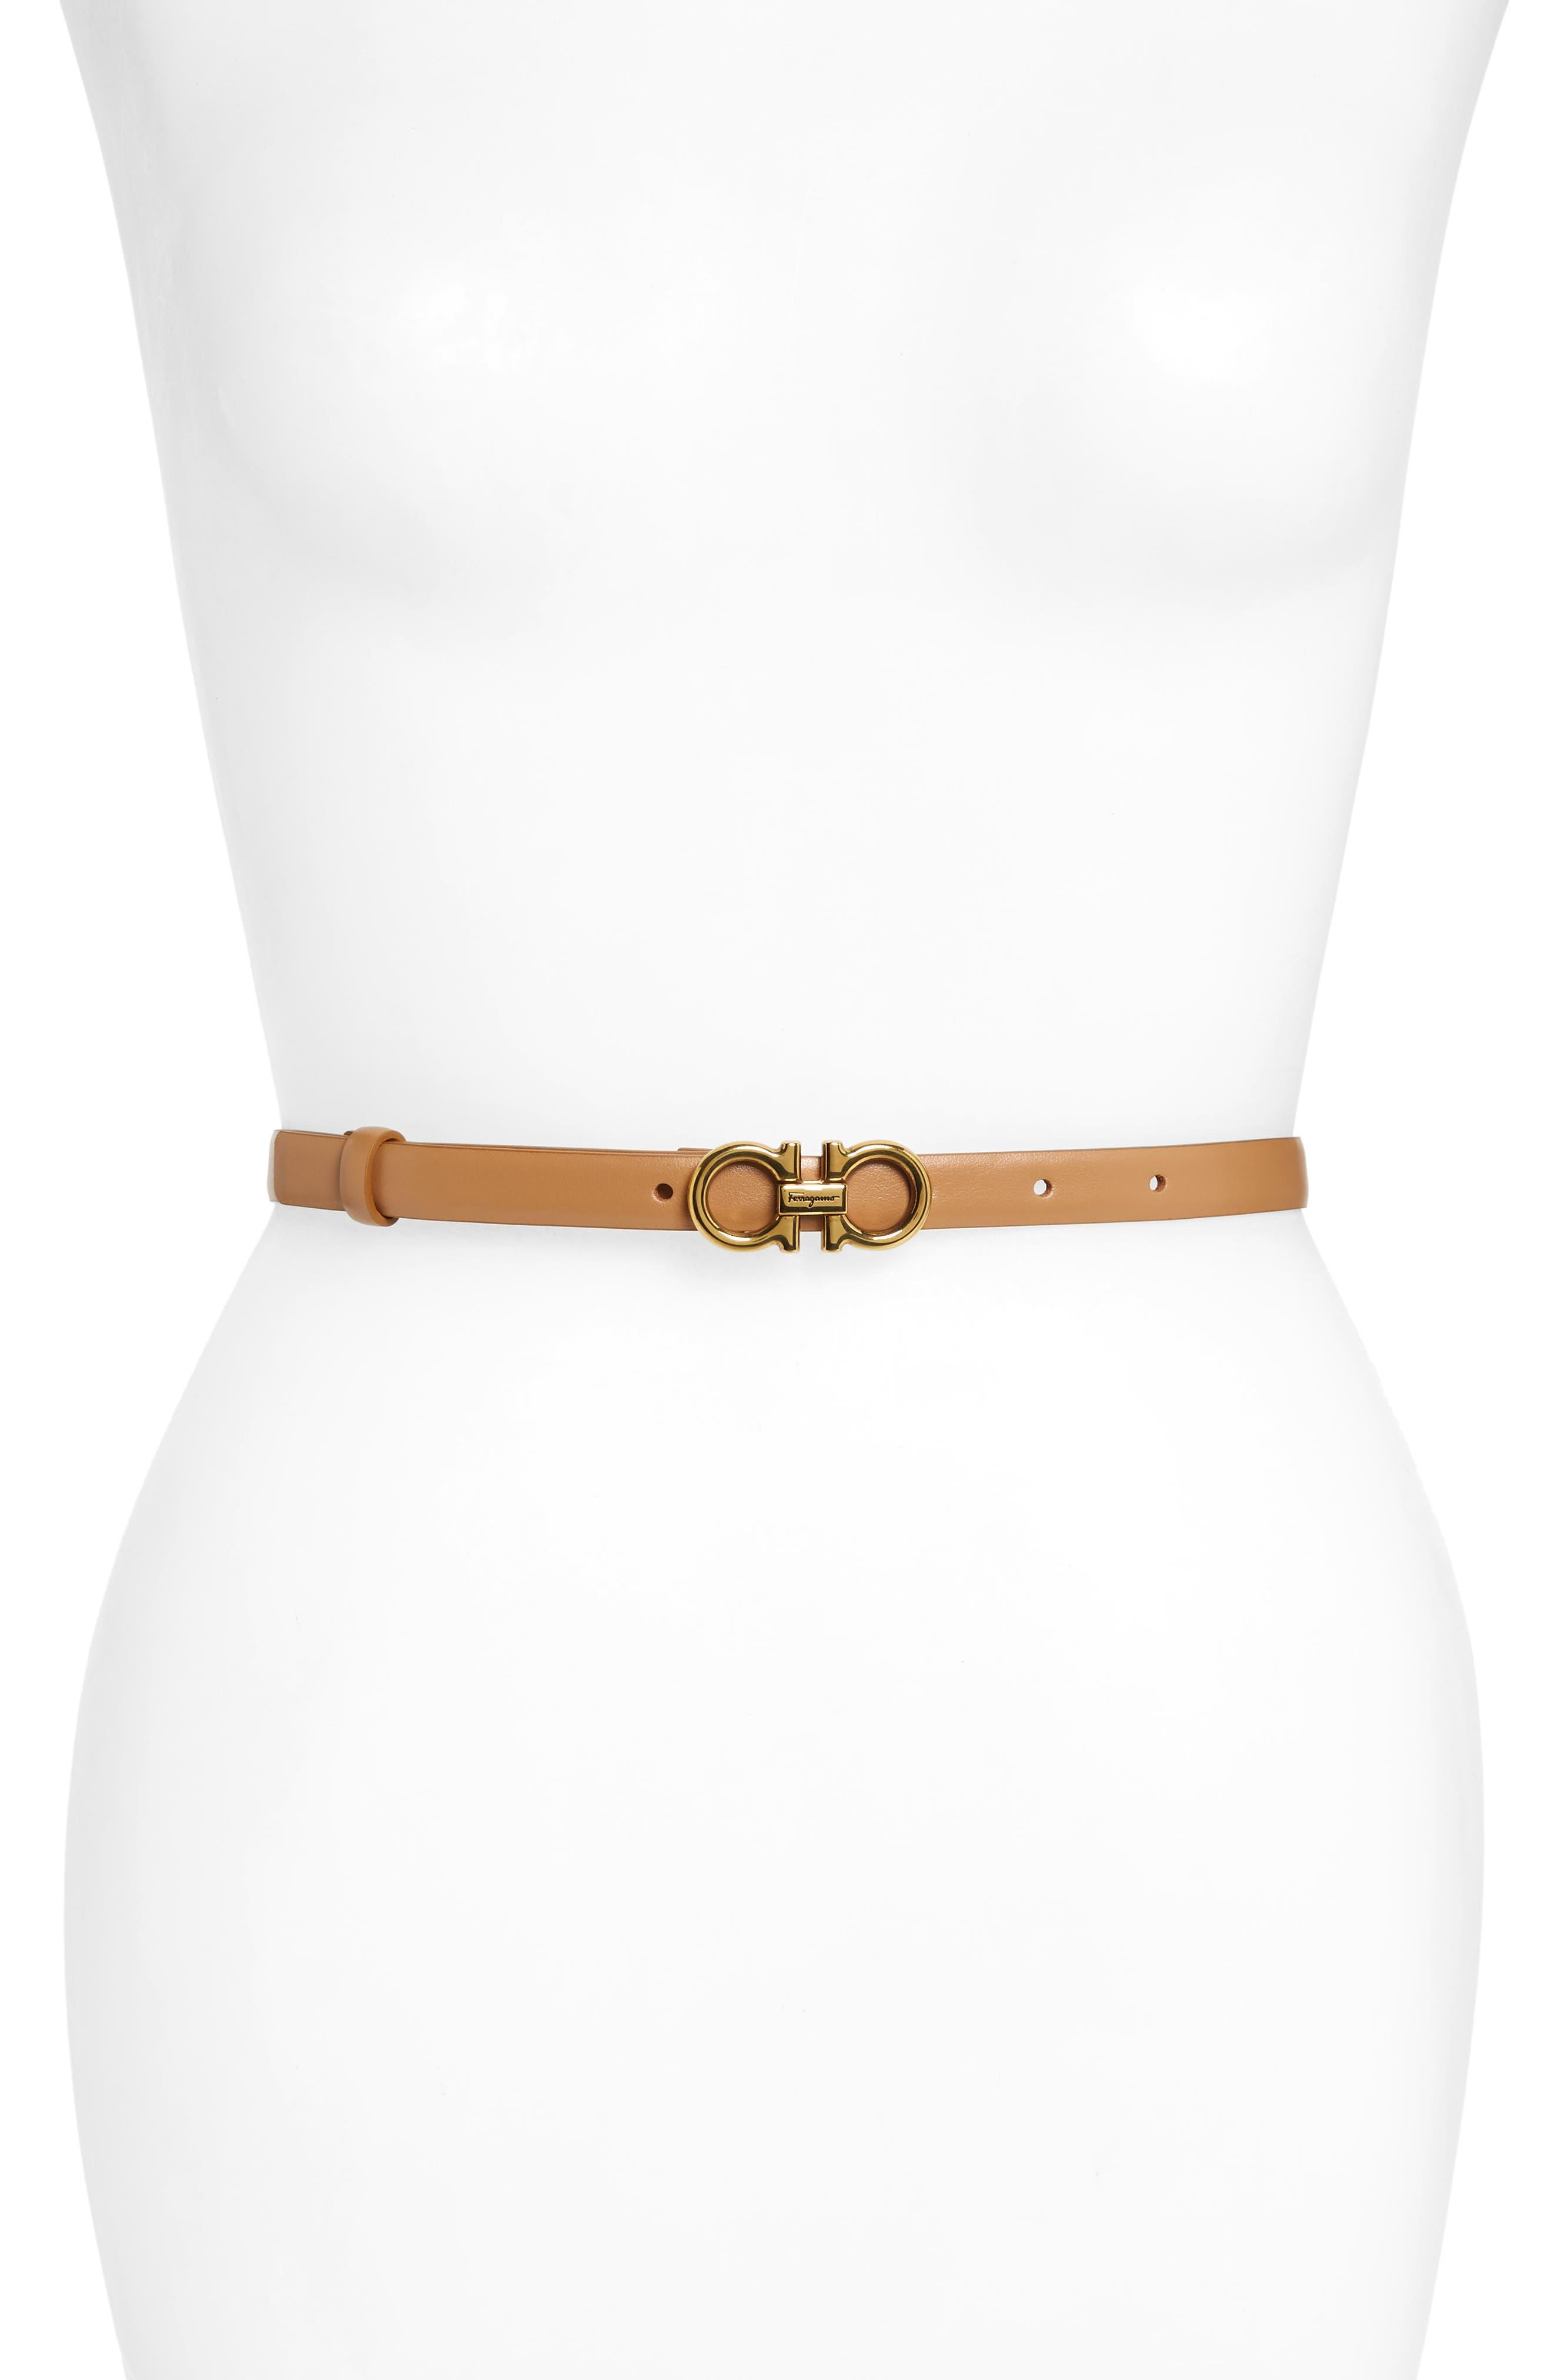 Salvatore Ferragamo X-Small New Gancini Leather Belt, New Cuoio